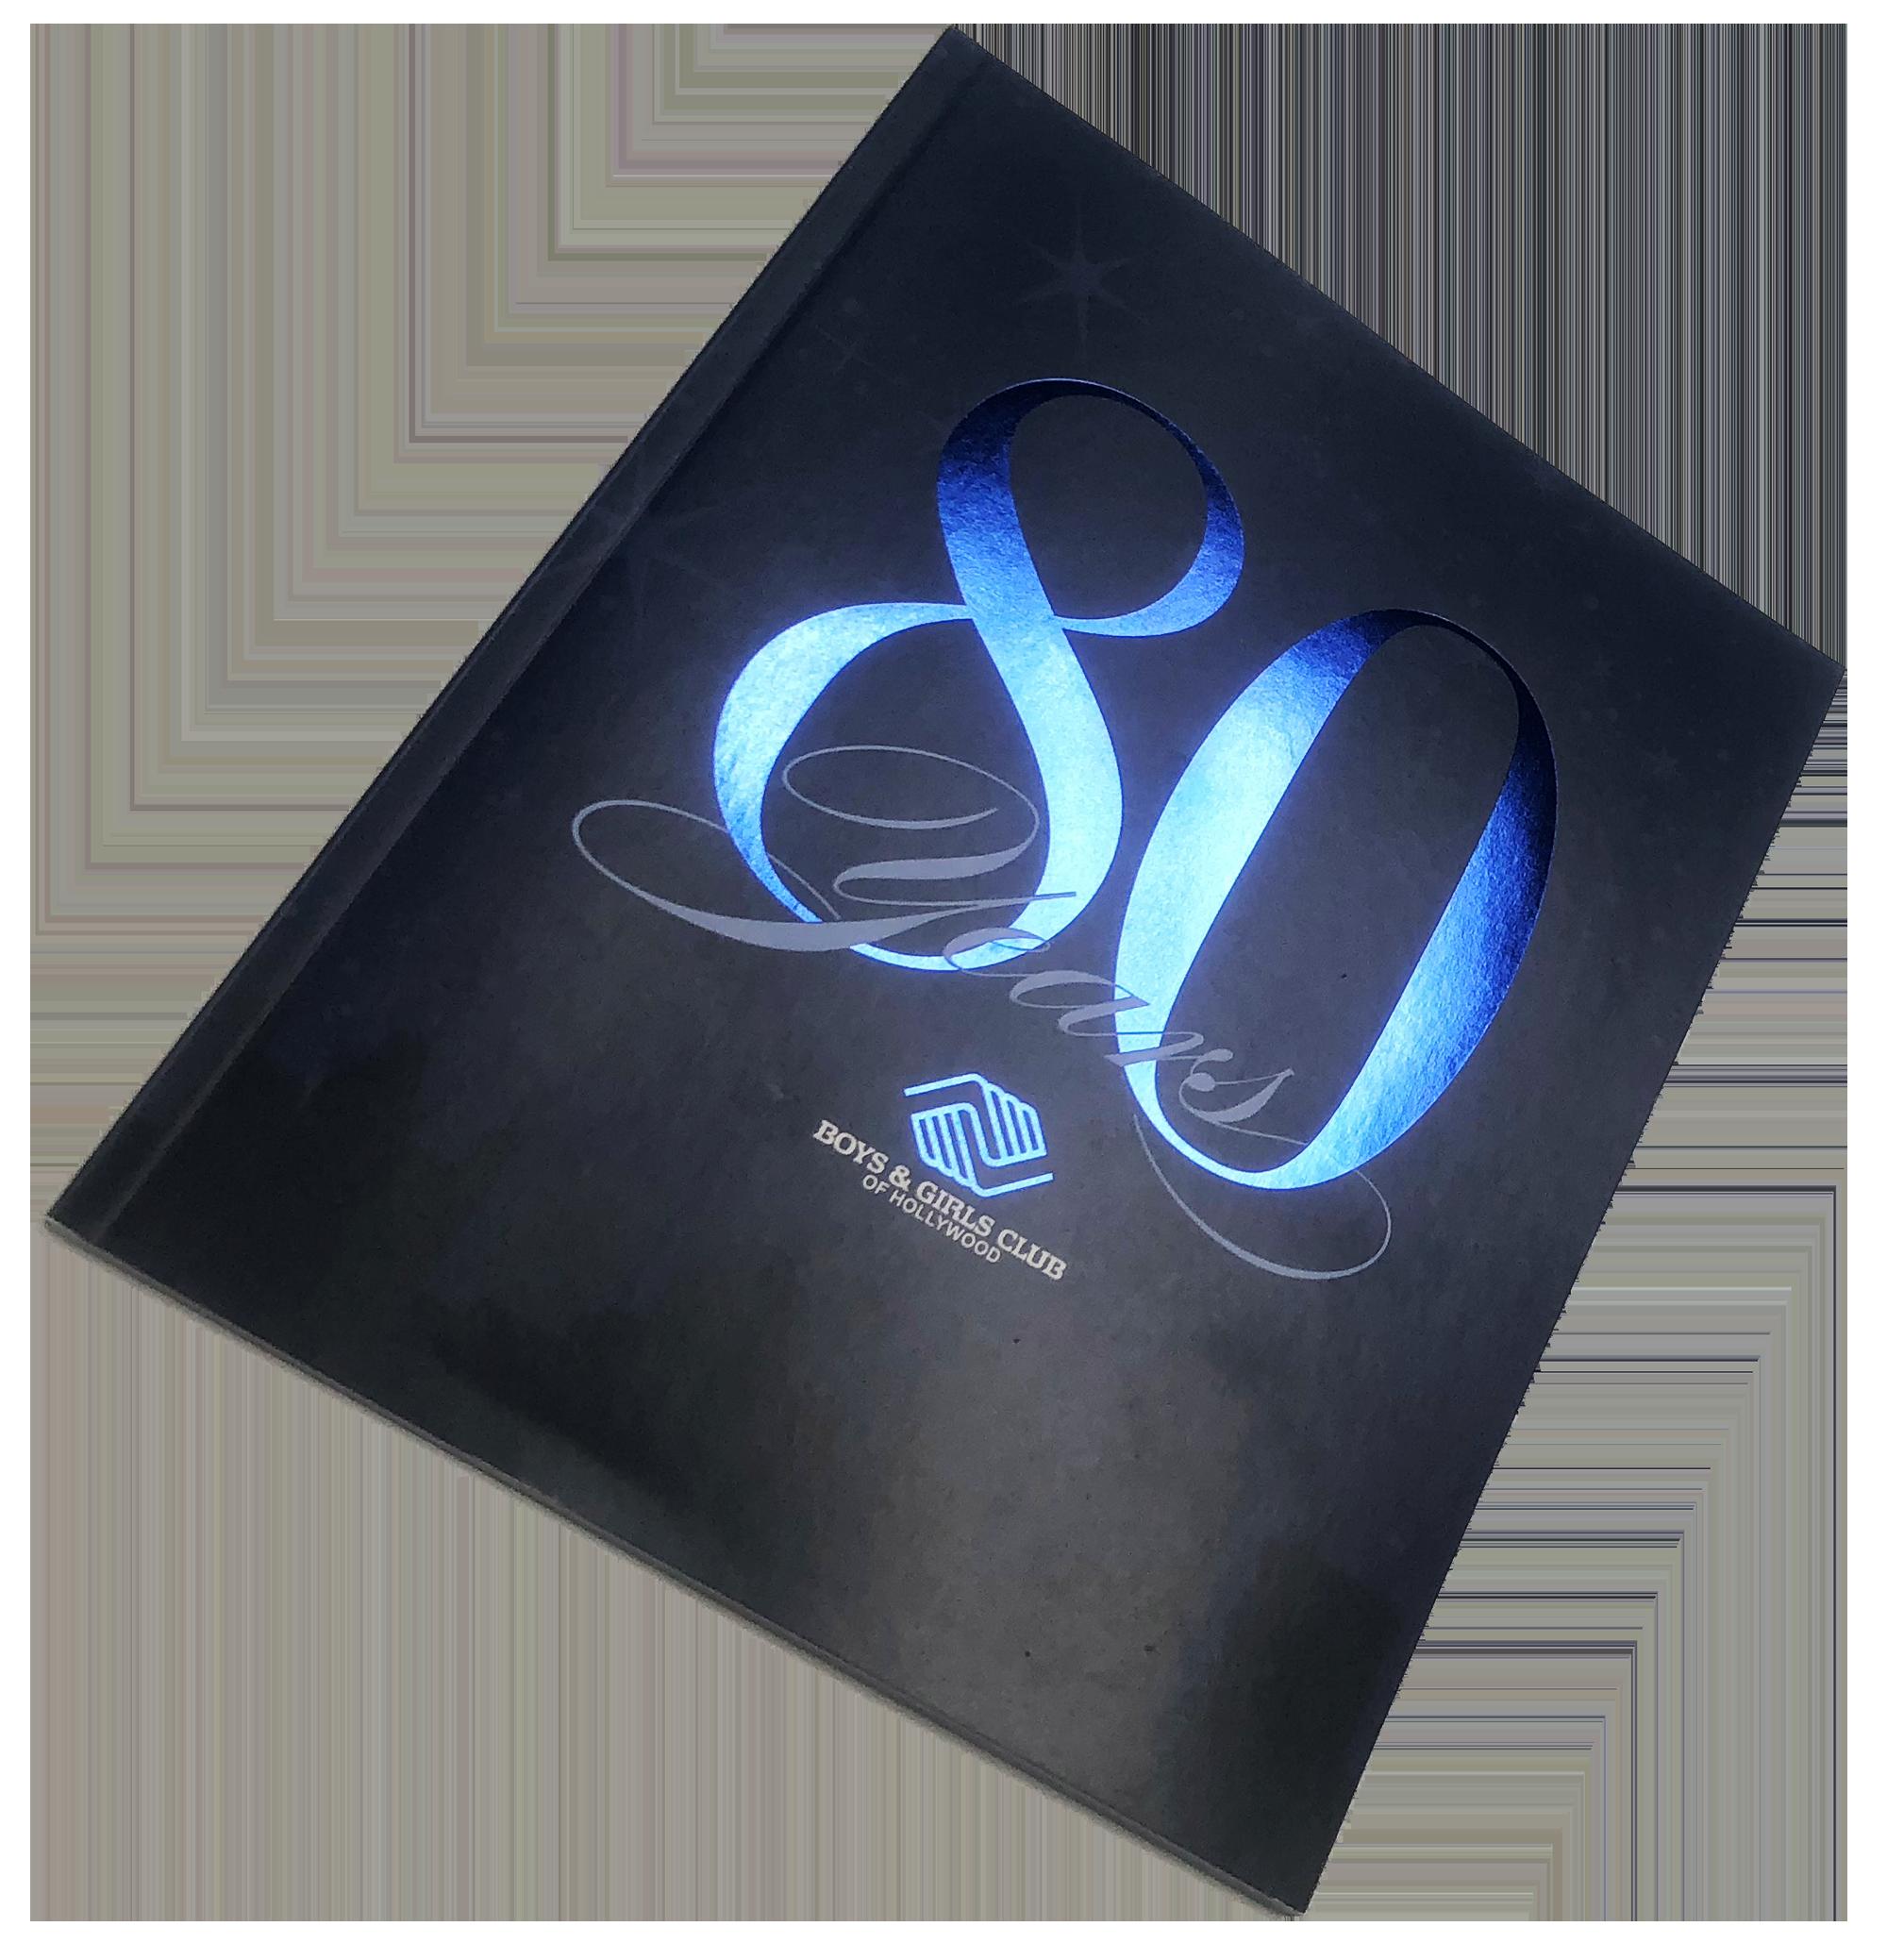 Booklet Print Sample, Digital Print, Perfect Bind, Foil Printing, 4 color